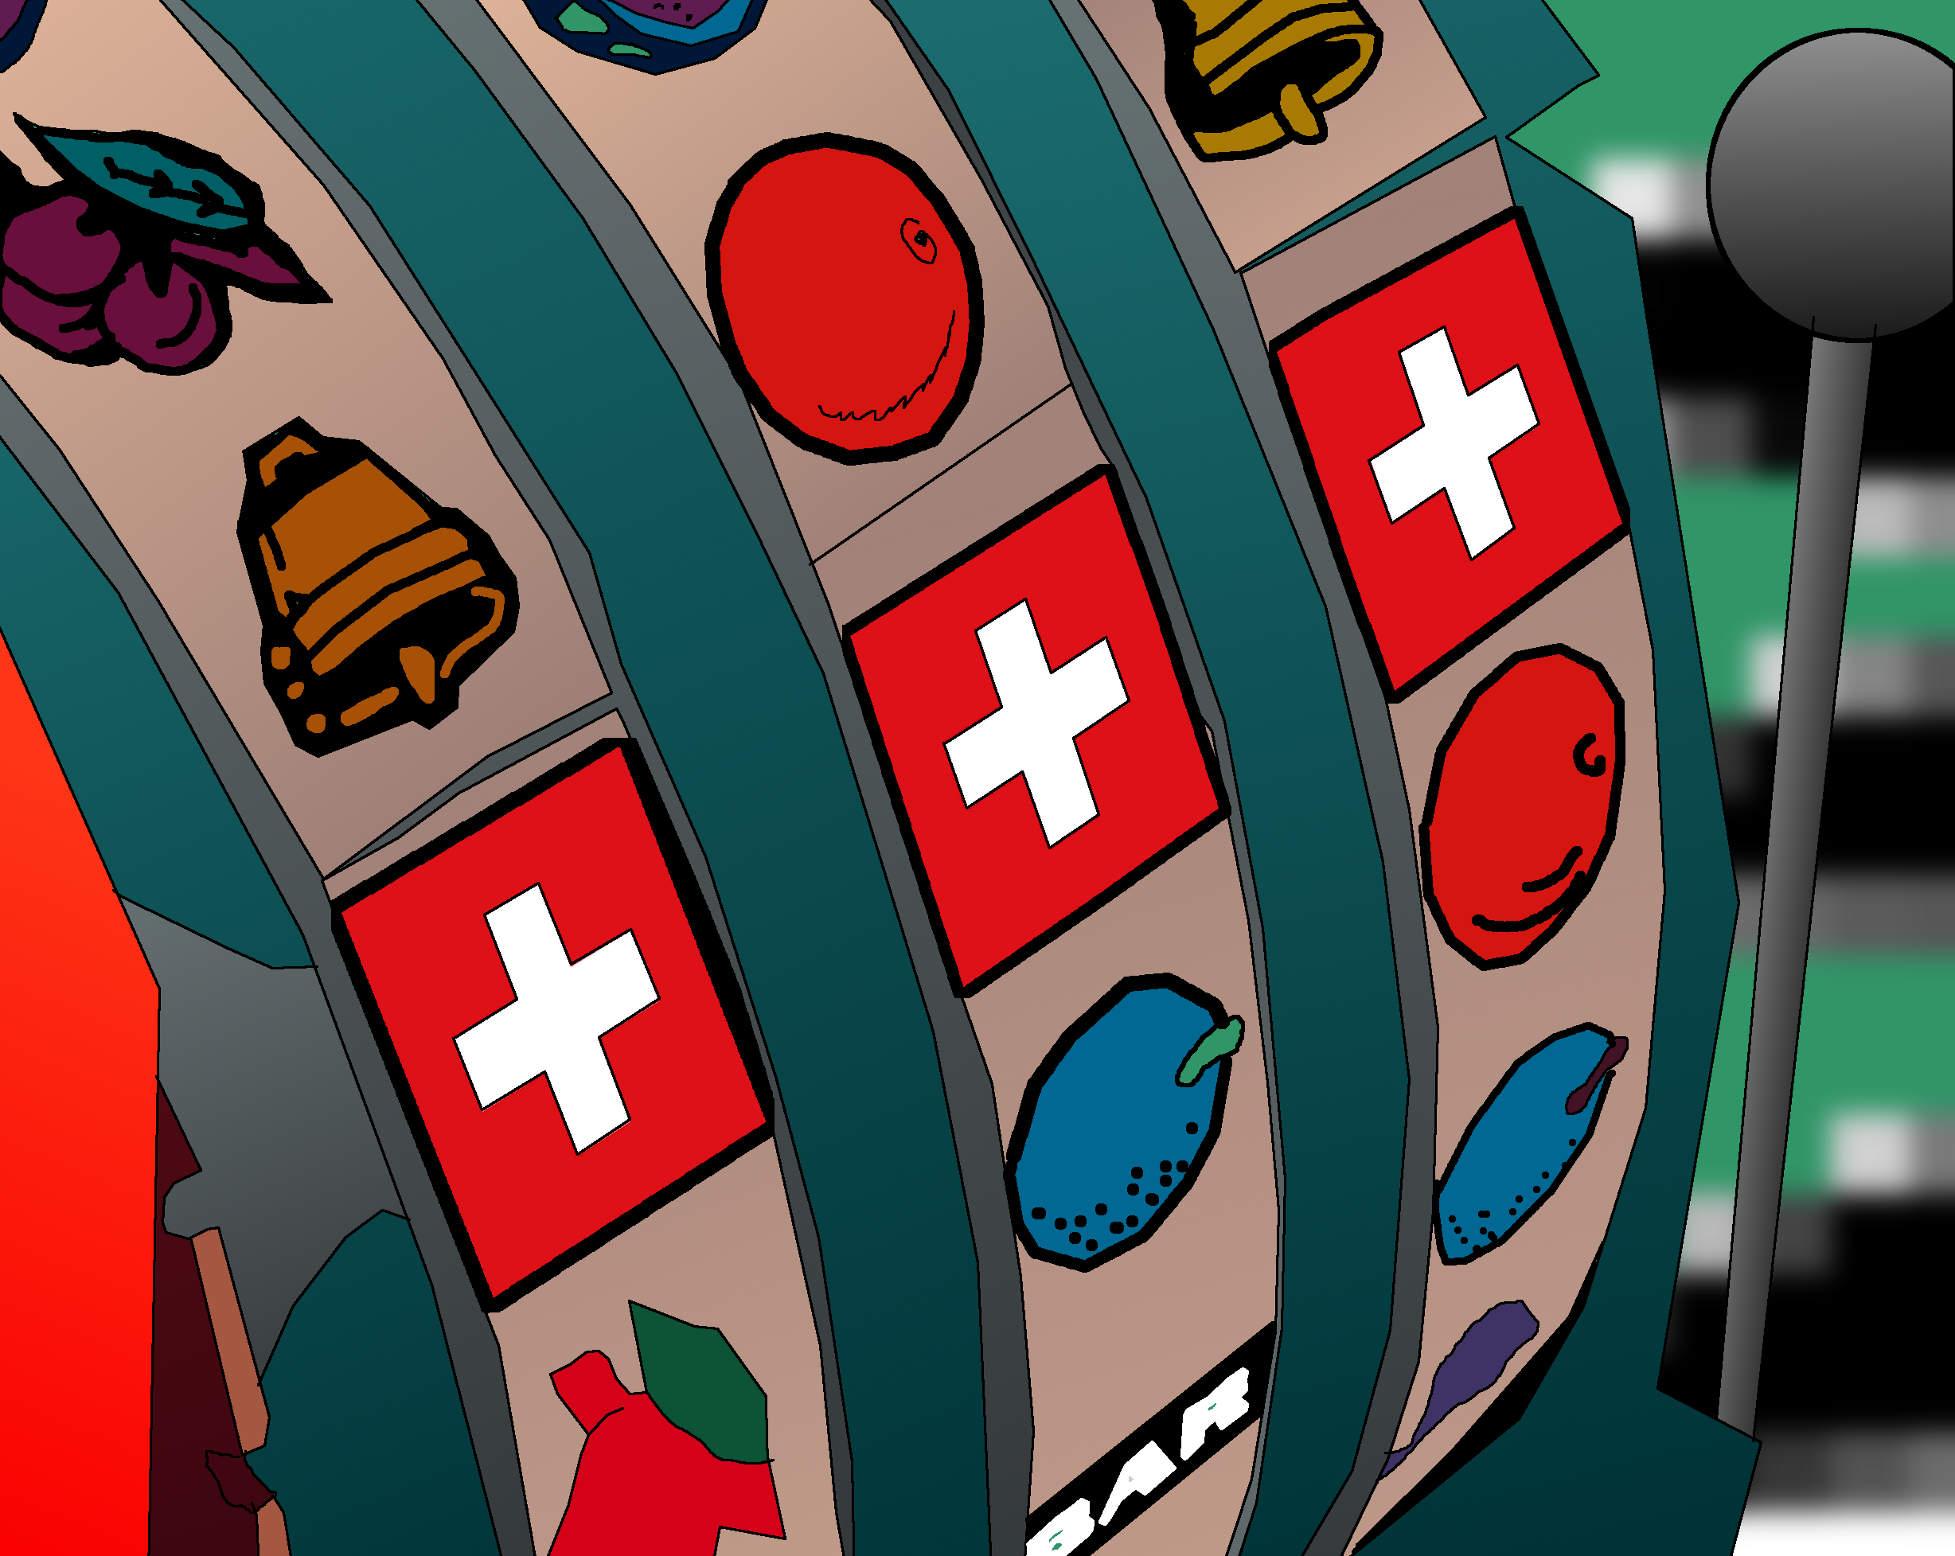 swiss casino gratis online